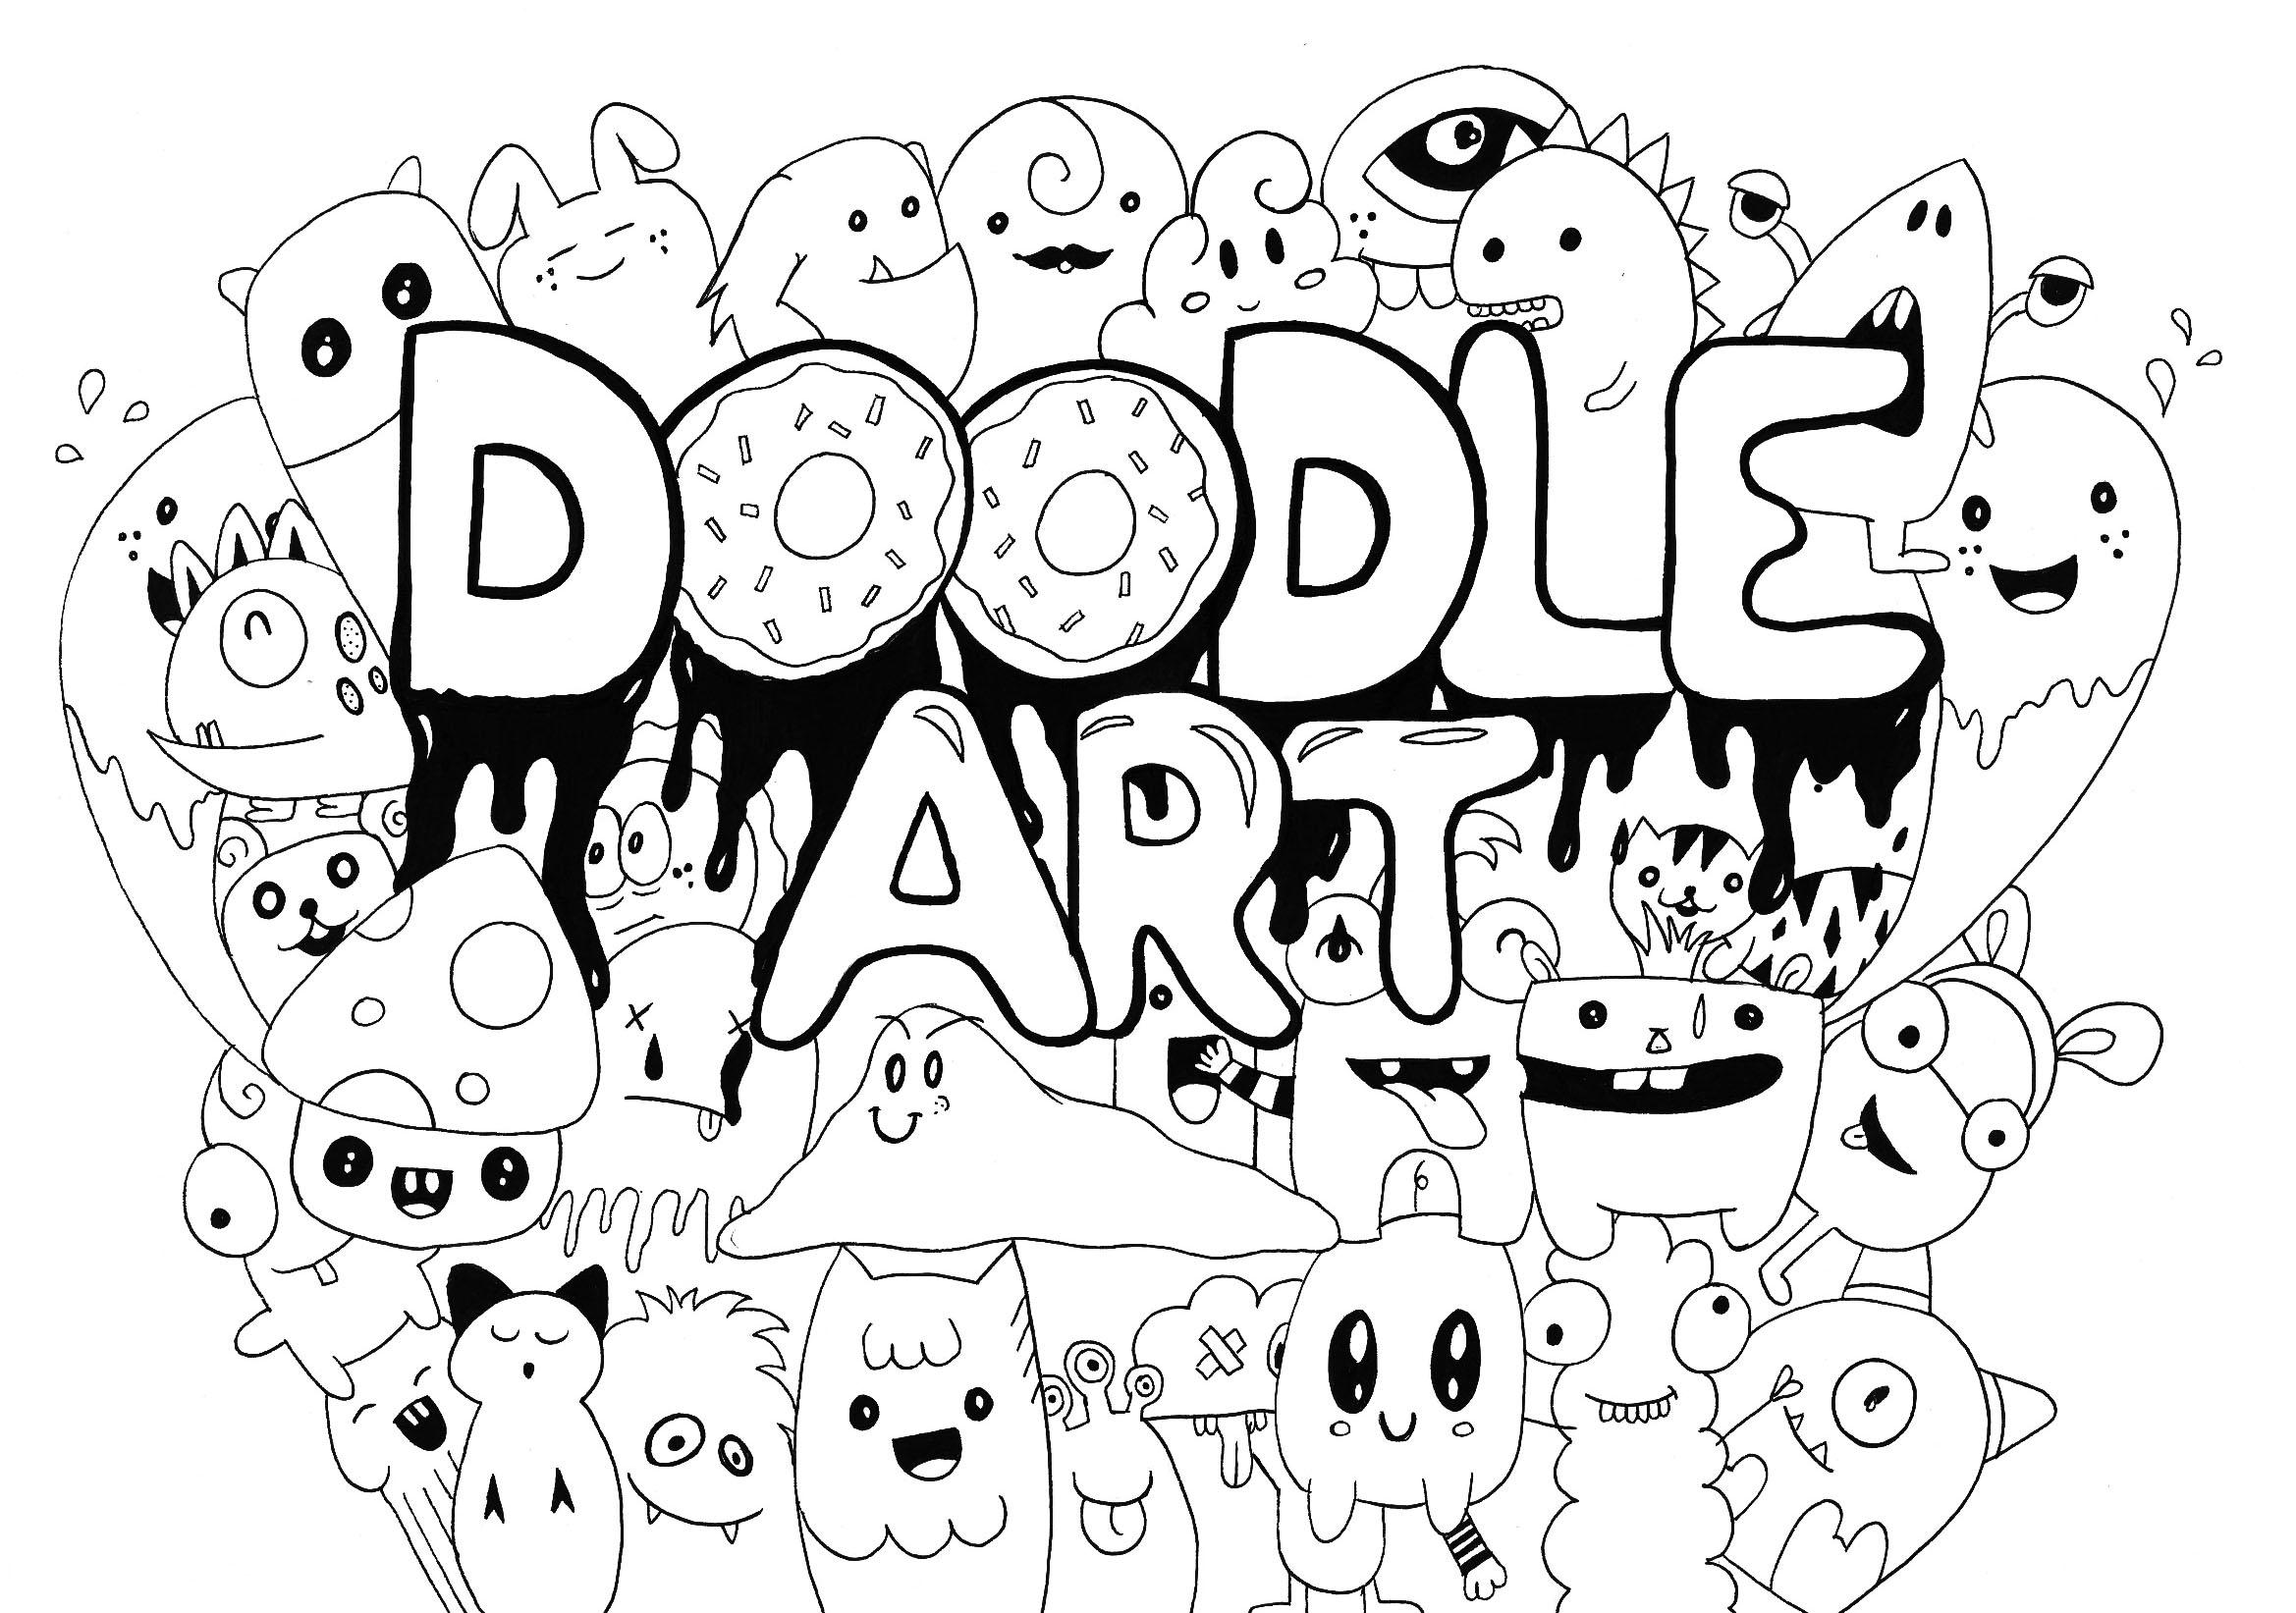 Surement l'un de nos meilleurs Doodle Art. On est fier de vous présenter cette réalisation exclusive !